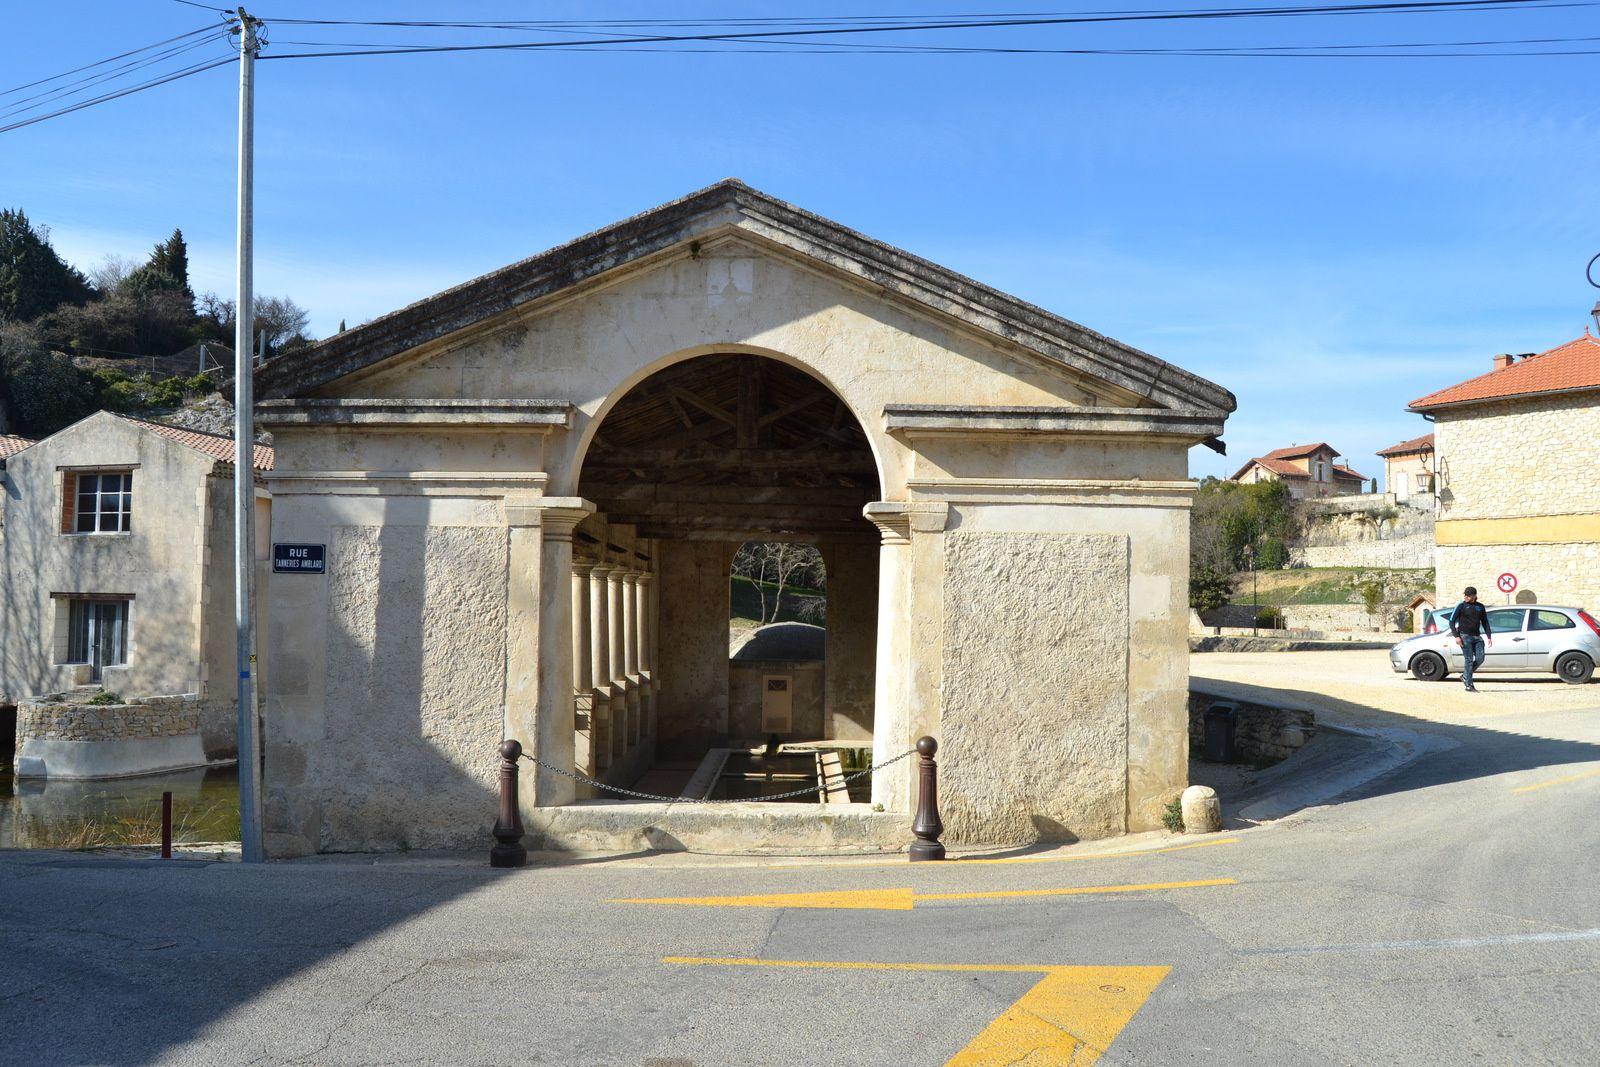 Construit au milieu du XIXème siècle (1843) d'après les plans dressés par l'architecte bourguésan Baussan le lavoir actuel remplace l'ancien jugé inconfortable par la municipalité de l'époque. Il se situe sur le site pittoresque du vallon de la Tourne à Bourg Saint-andéol. Le Moulin à gauche sur la photo.